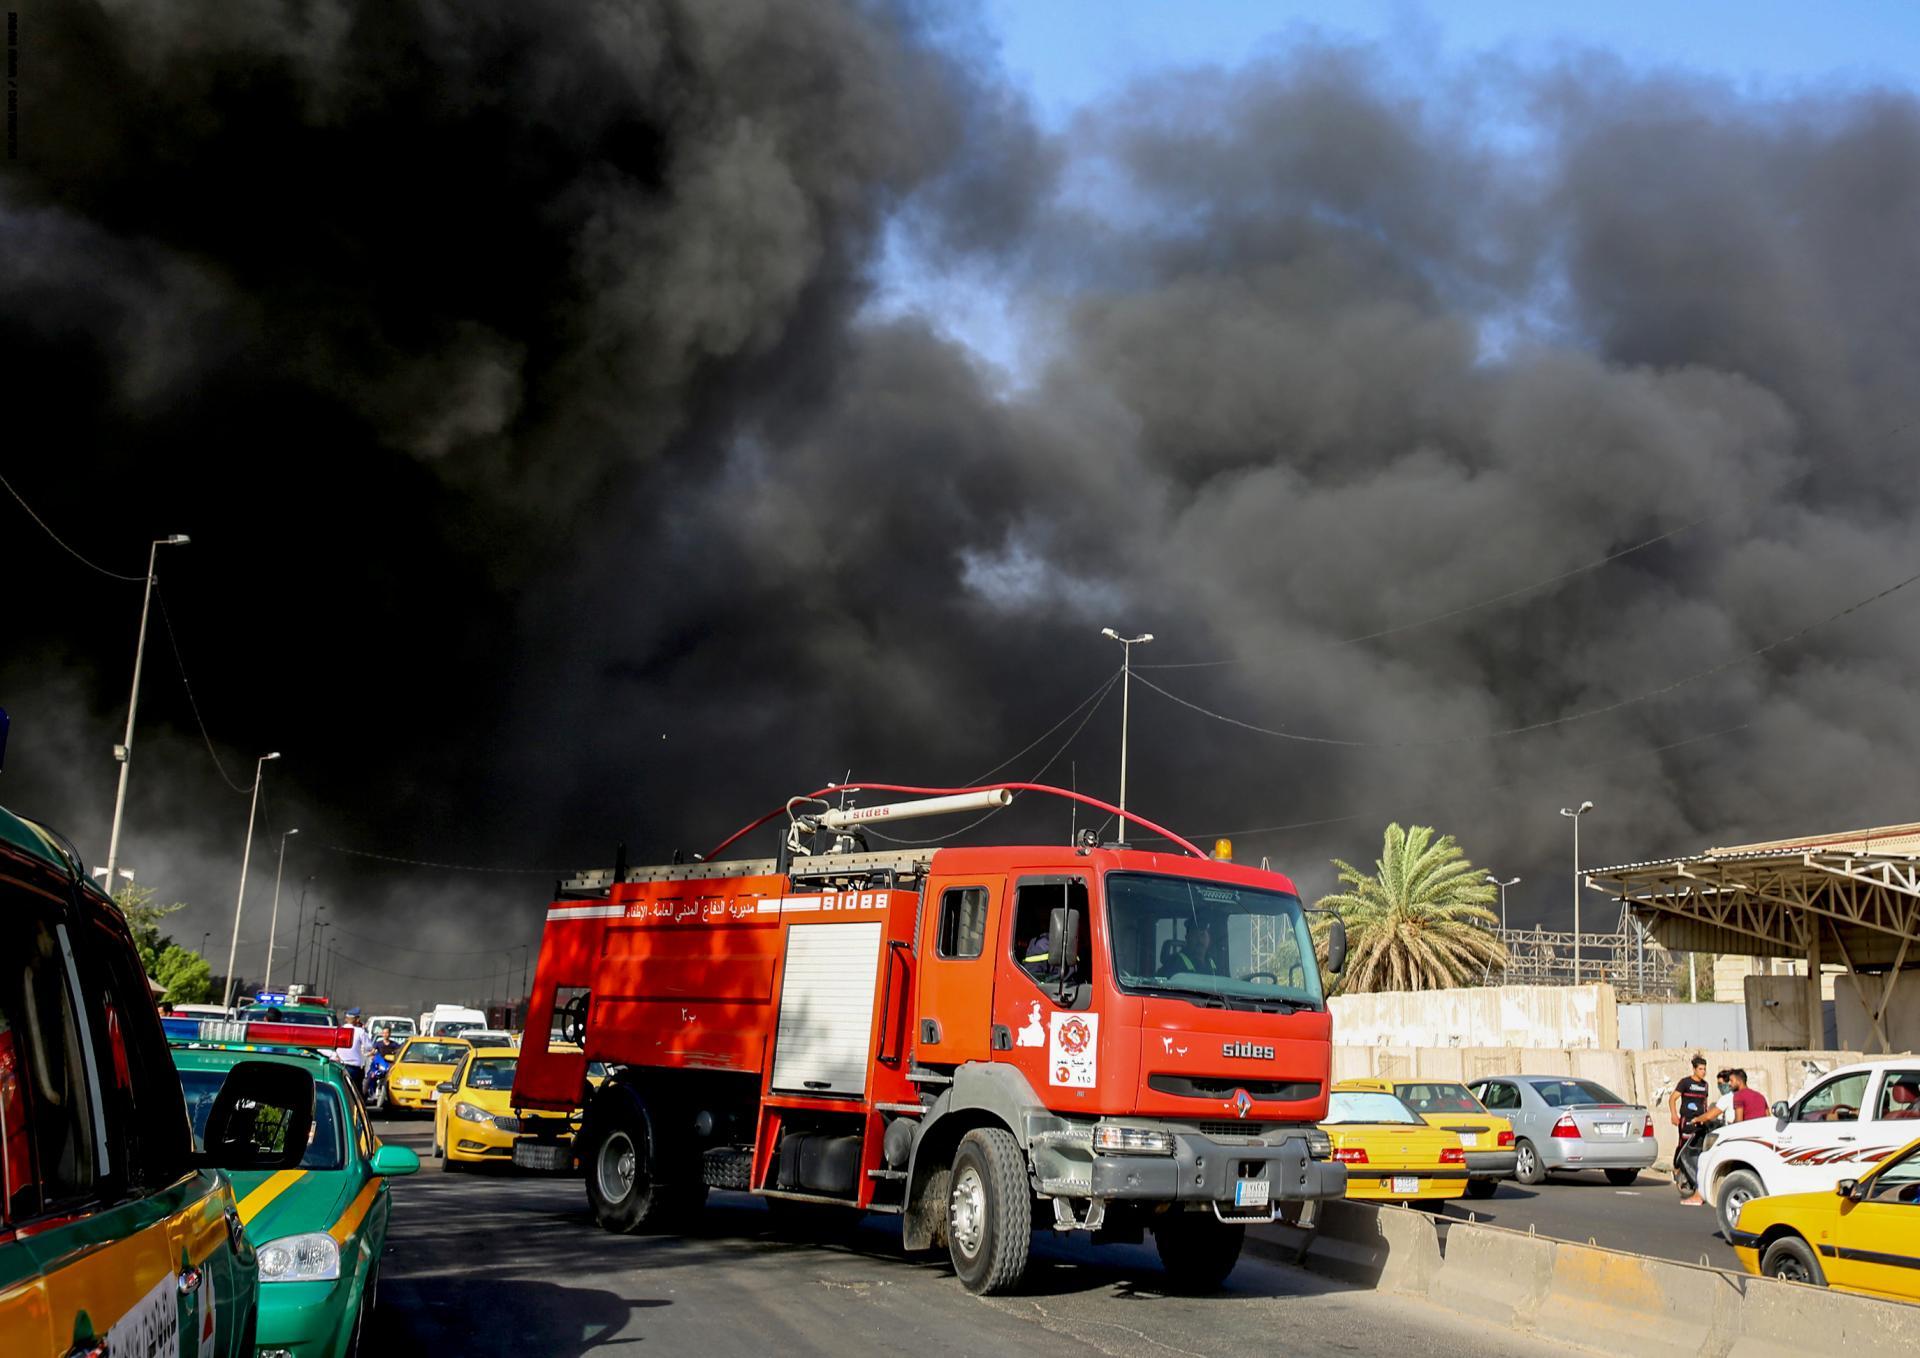 عملية اخلاء لسكان مبنى في بغداد تعرض لحريق